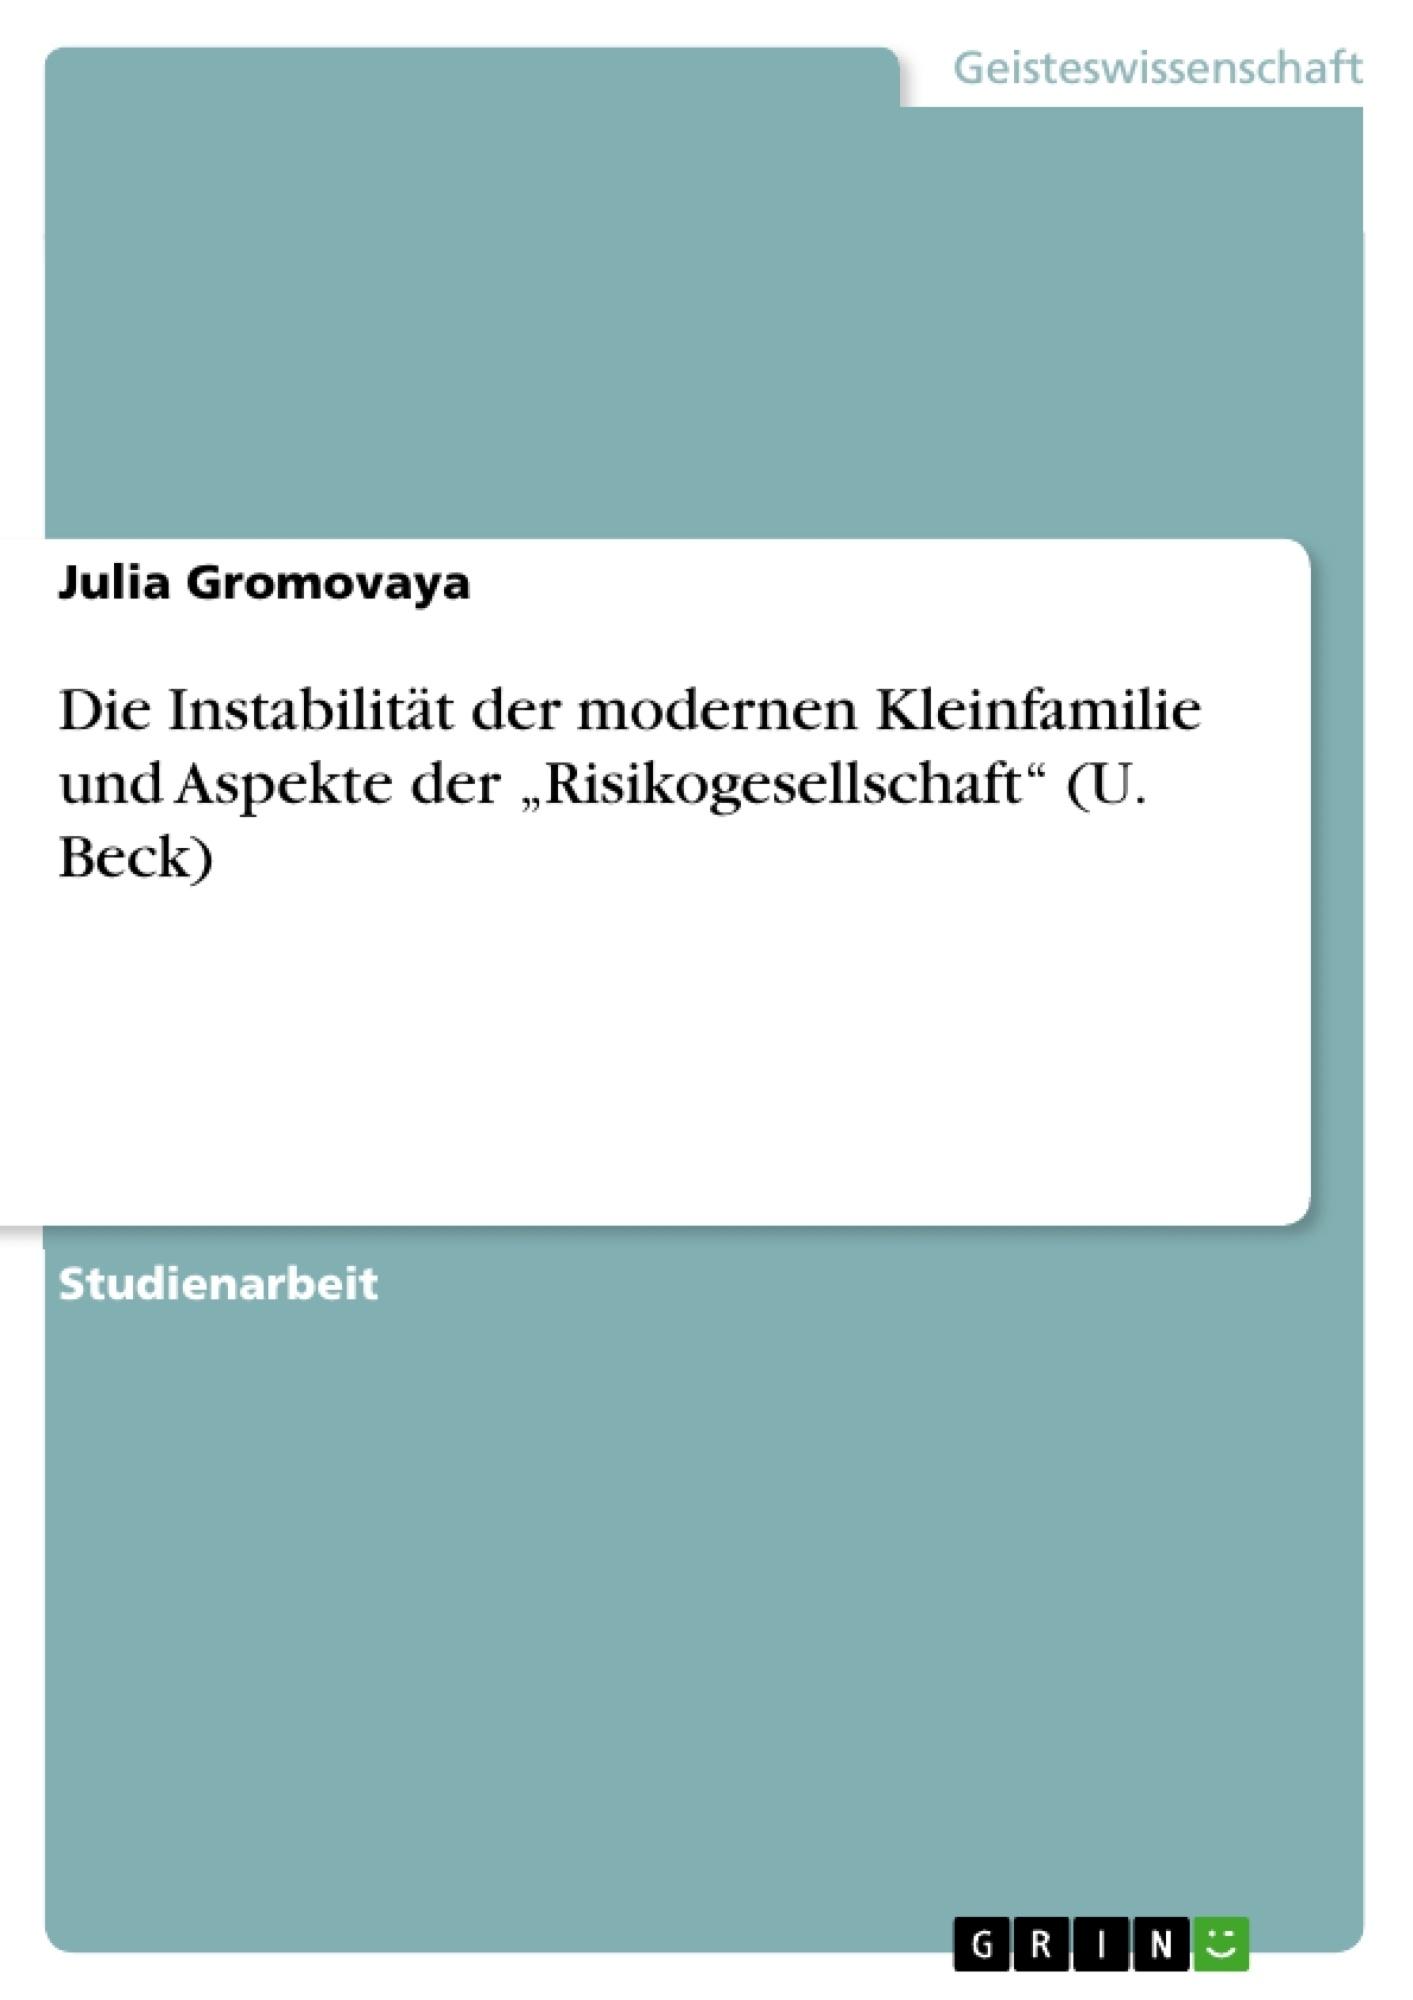 """Titel: Die Instabilität der modernen Kleinfamilie und Aspekte der """"Risikogesellschaft"""" (U. Beck)"""